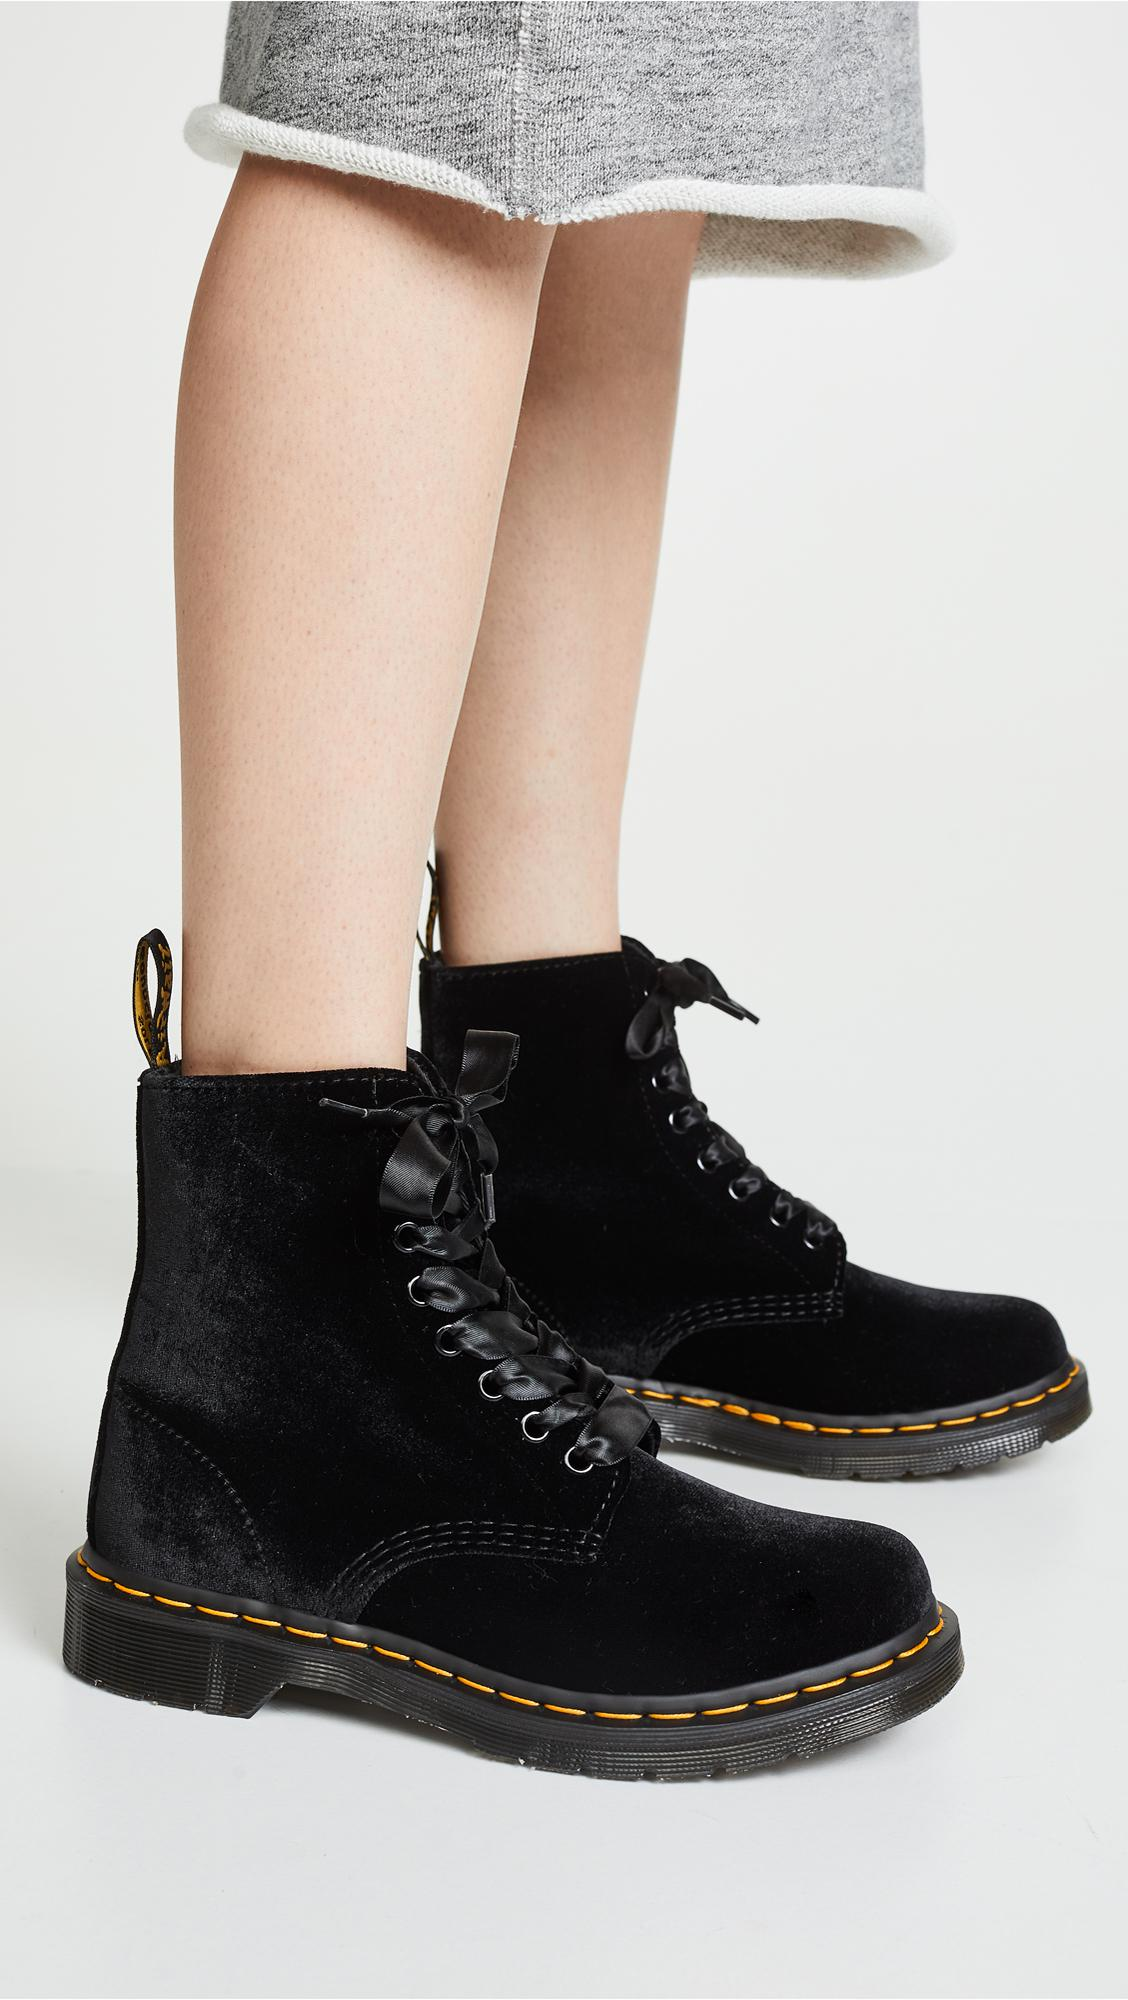 3d35e5d24f0c1c Lyst - Dr. Martens Jadon 8 Eye Velvet Boots in Black